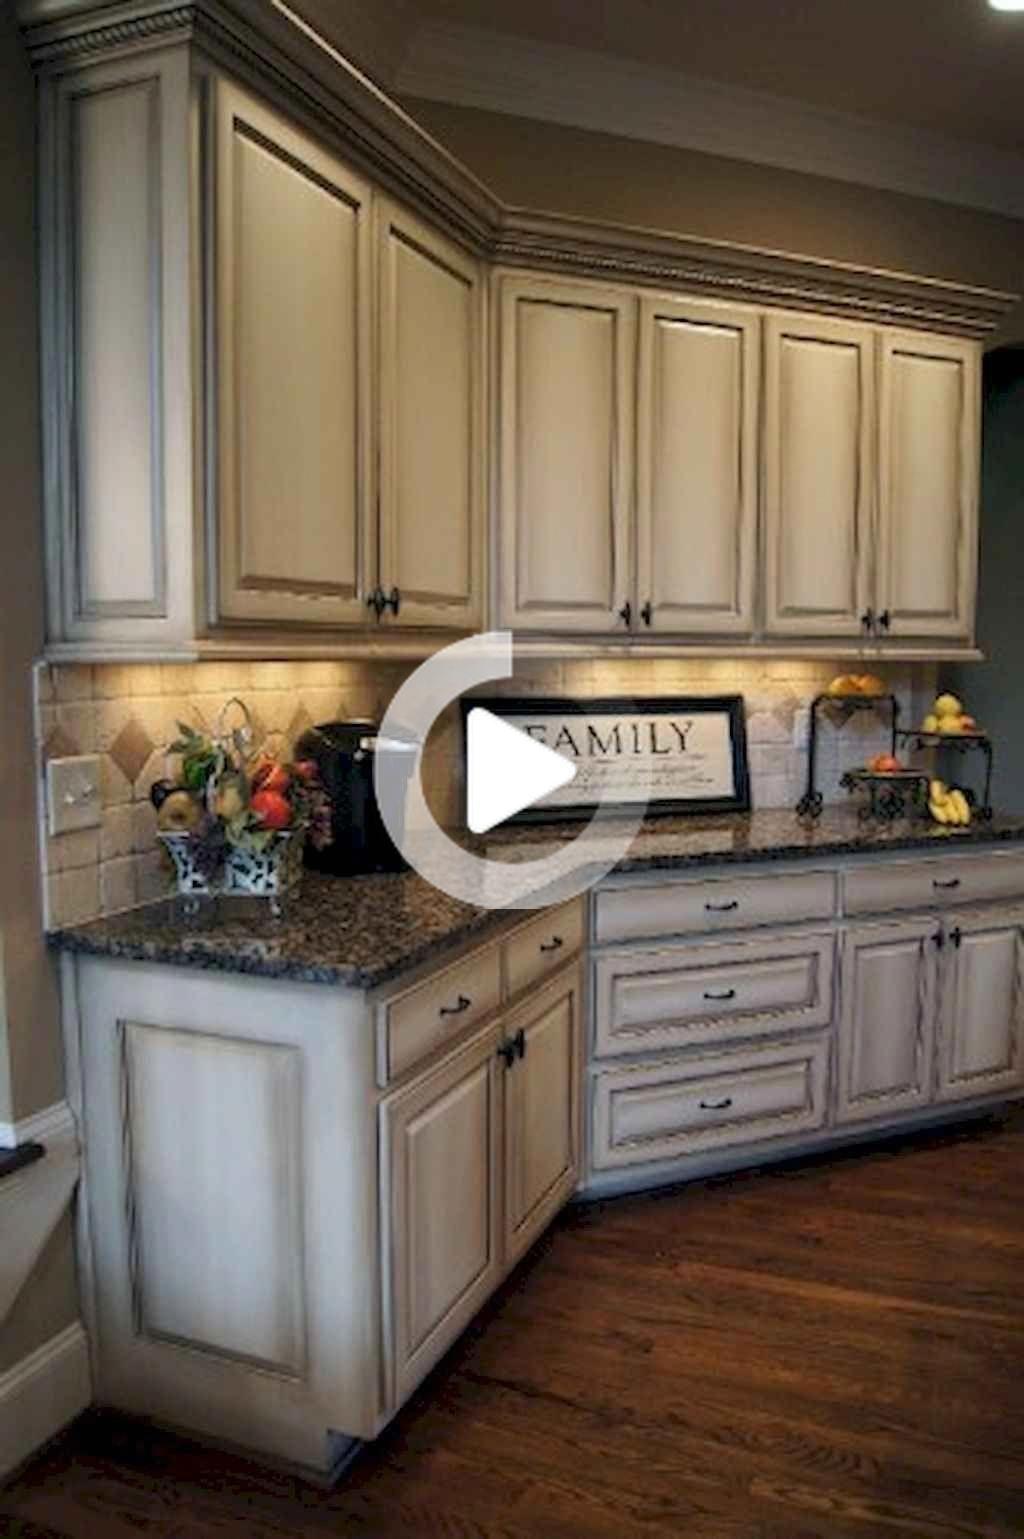 20 Elegante Granja Del Gabinete De Cocina Renovacion De Diseno Ideas Que Muy Acogedor In 2020 Antique White Kitchen Antique Kitchen Cabinets Glazed Kitchen Cabinets